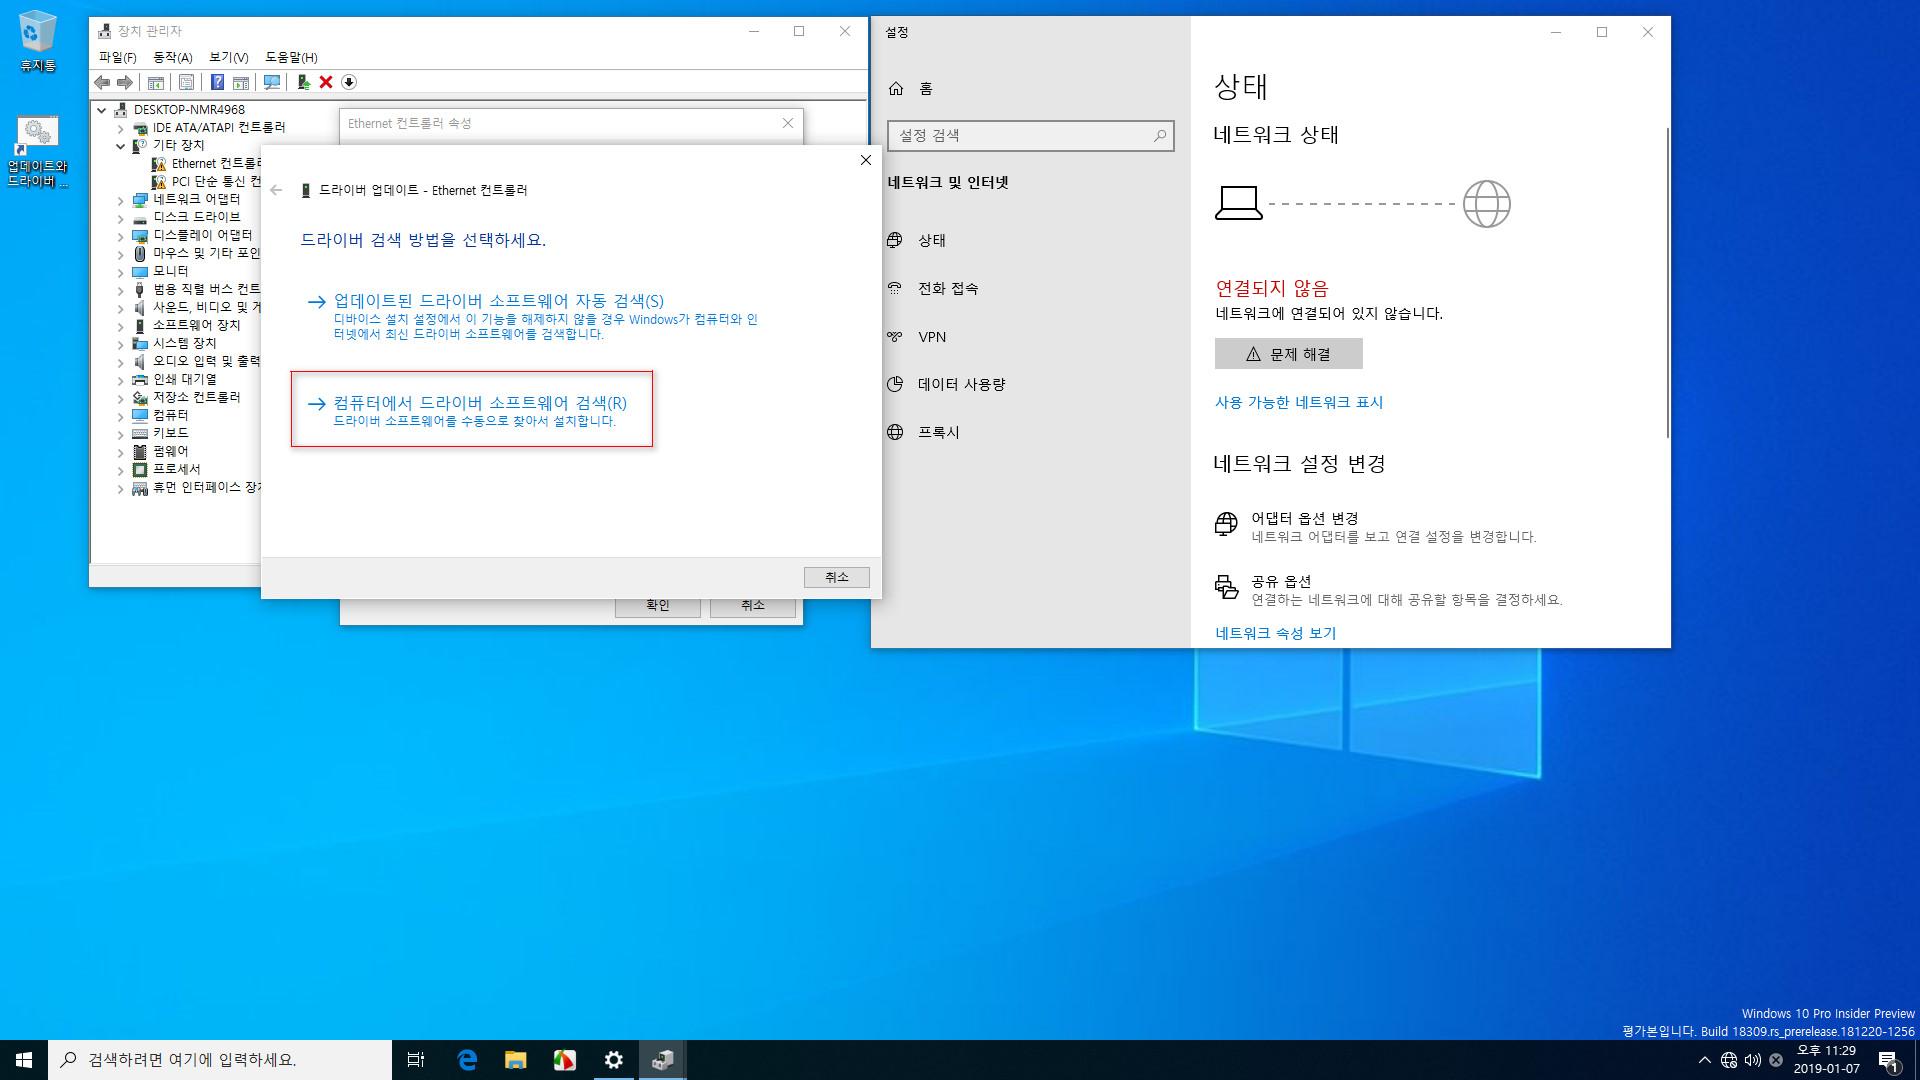 윈도10 19H1 인사이더 프리뷰 18309.1000 빌드 나왔네요 - 실컴에서 Windows Sandbox 테스트 - 어떤 드라이버가 충돌을 일으키는지 확인 테스트4 [윈도에 내장된 랜드라이버 제거] - 랜 드라이버 설치는 되고, 랜 드라이버 설치 후에 Sandbox 실행도 됨 2019-01-07_232944.jpg